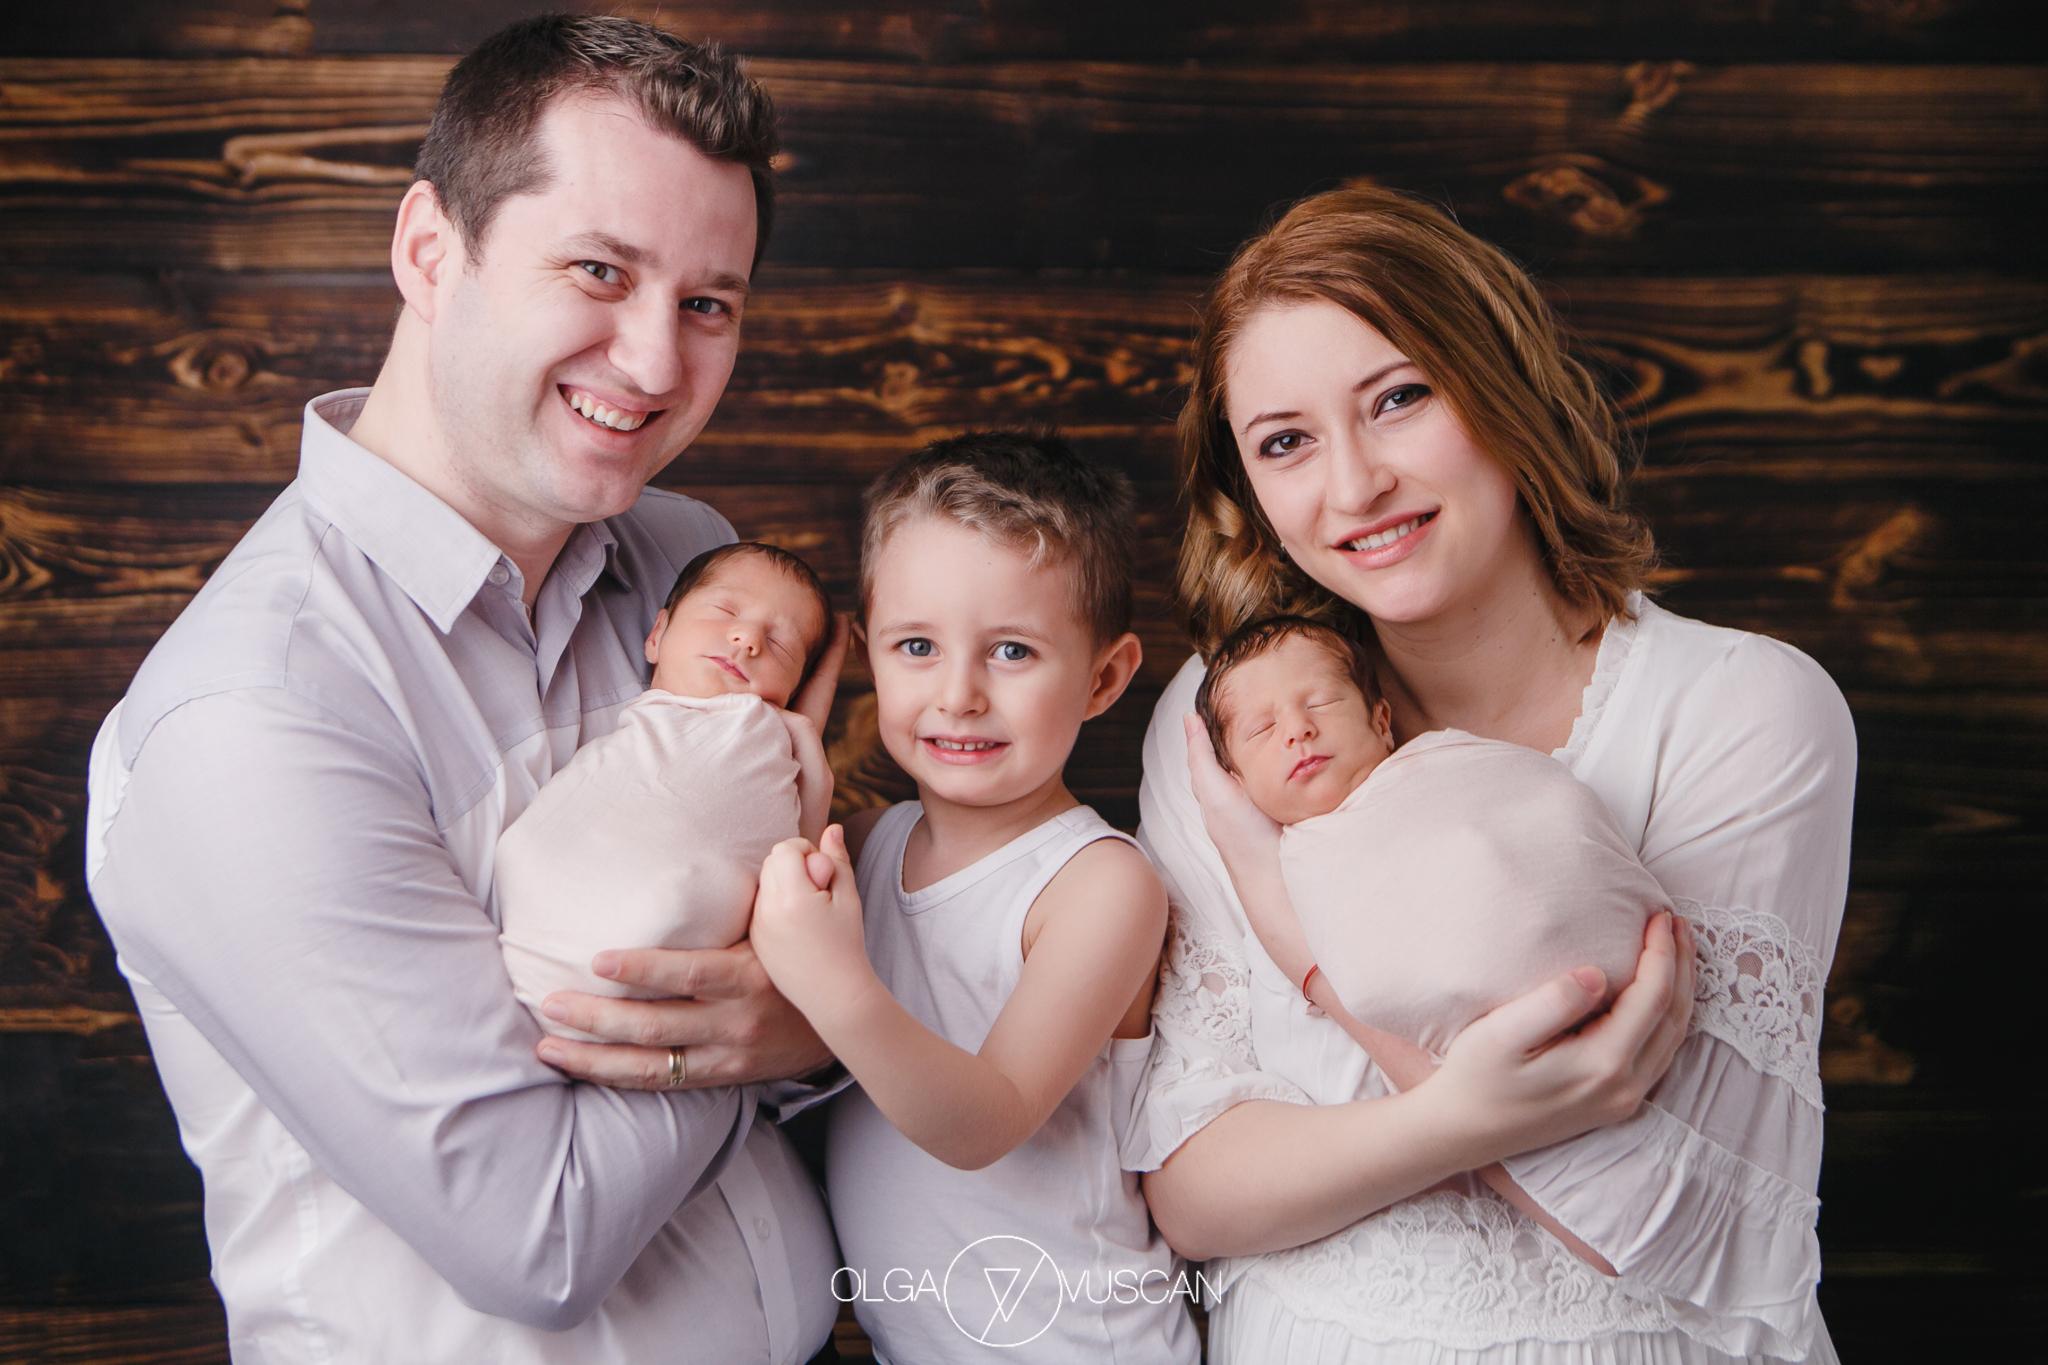 sesiune foto nou-nascuti gemeni, sedinta foto bebe gemeni, bebelusi gemeni, fotograf nou-nascuti Cluj